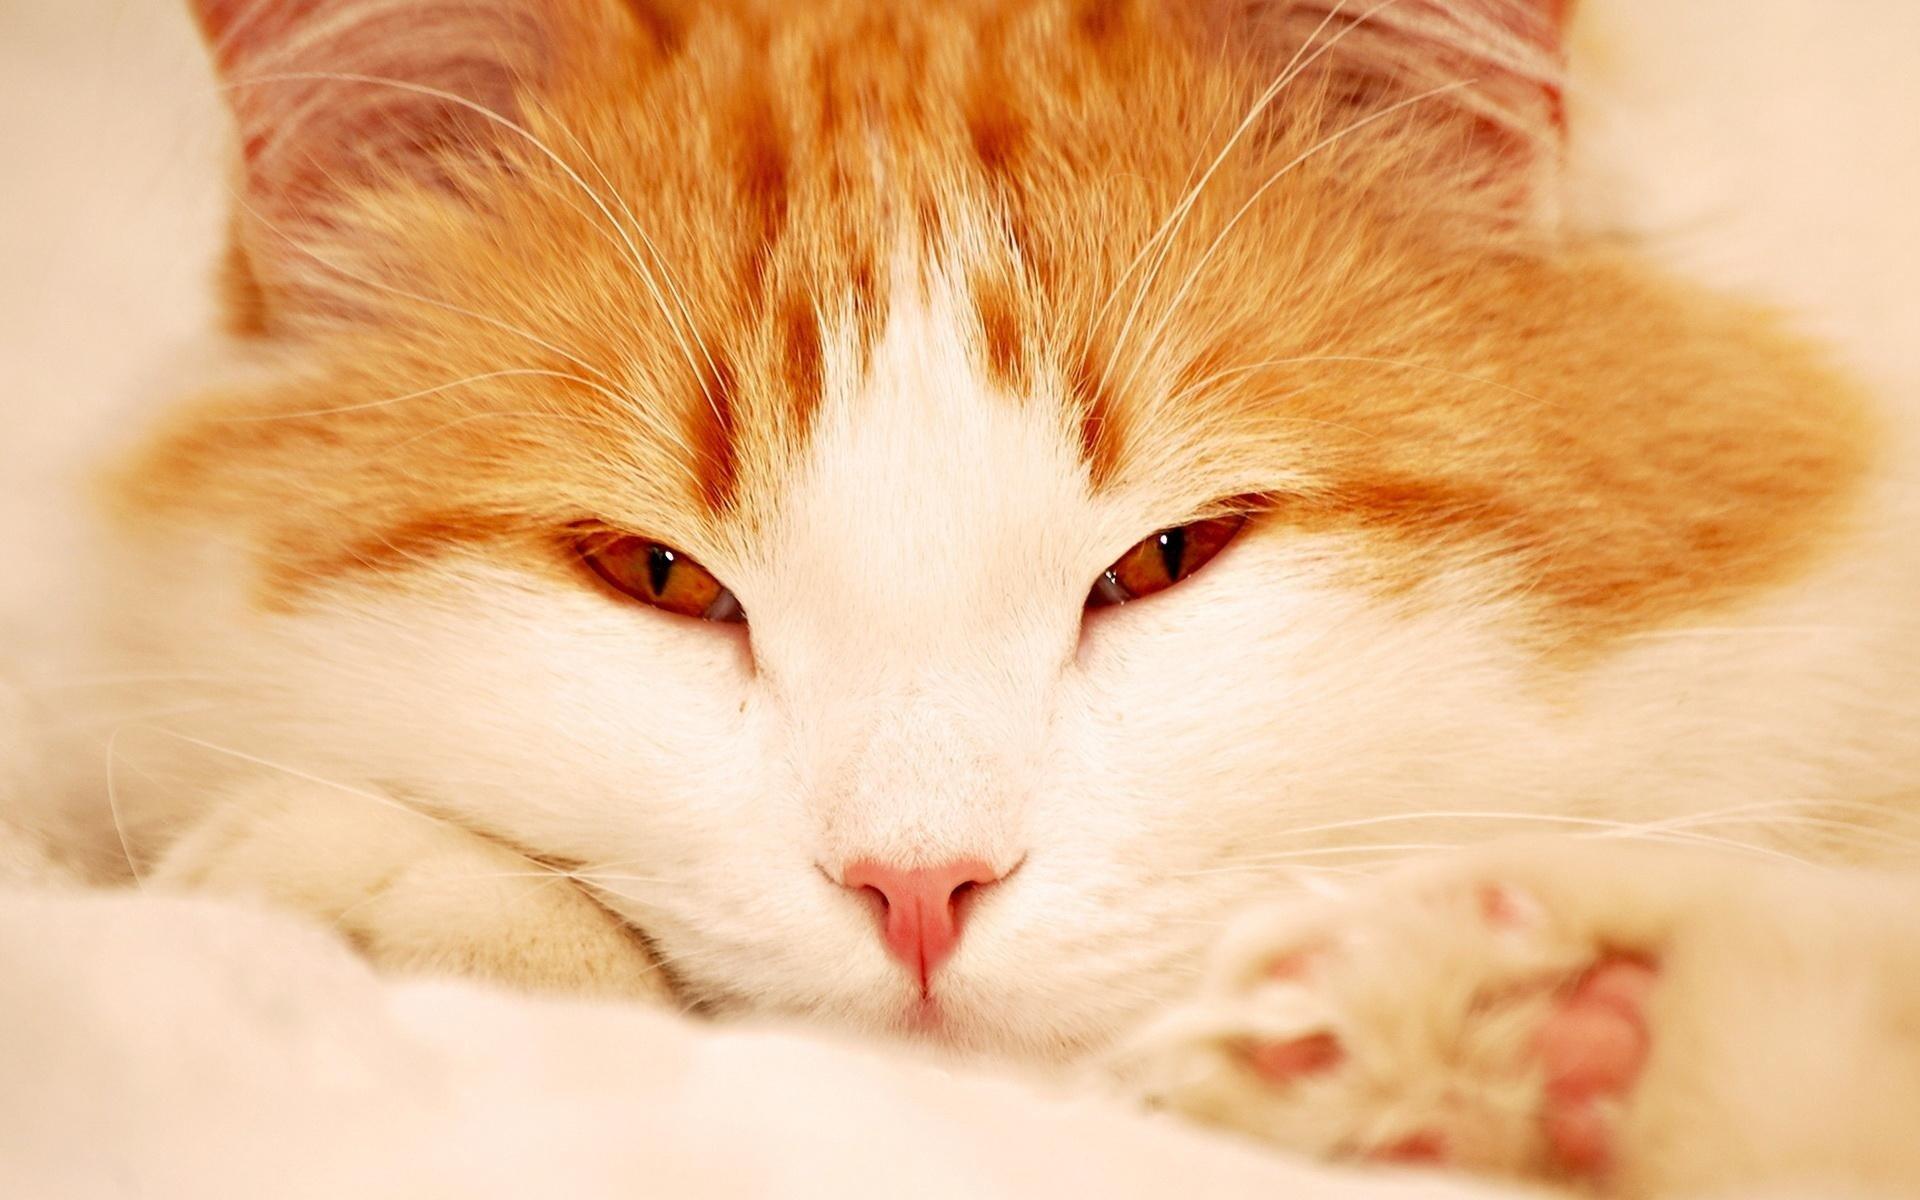 Балдеющий рыжий кот бесплатно